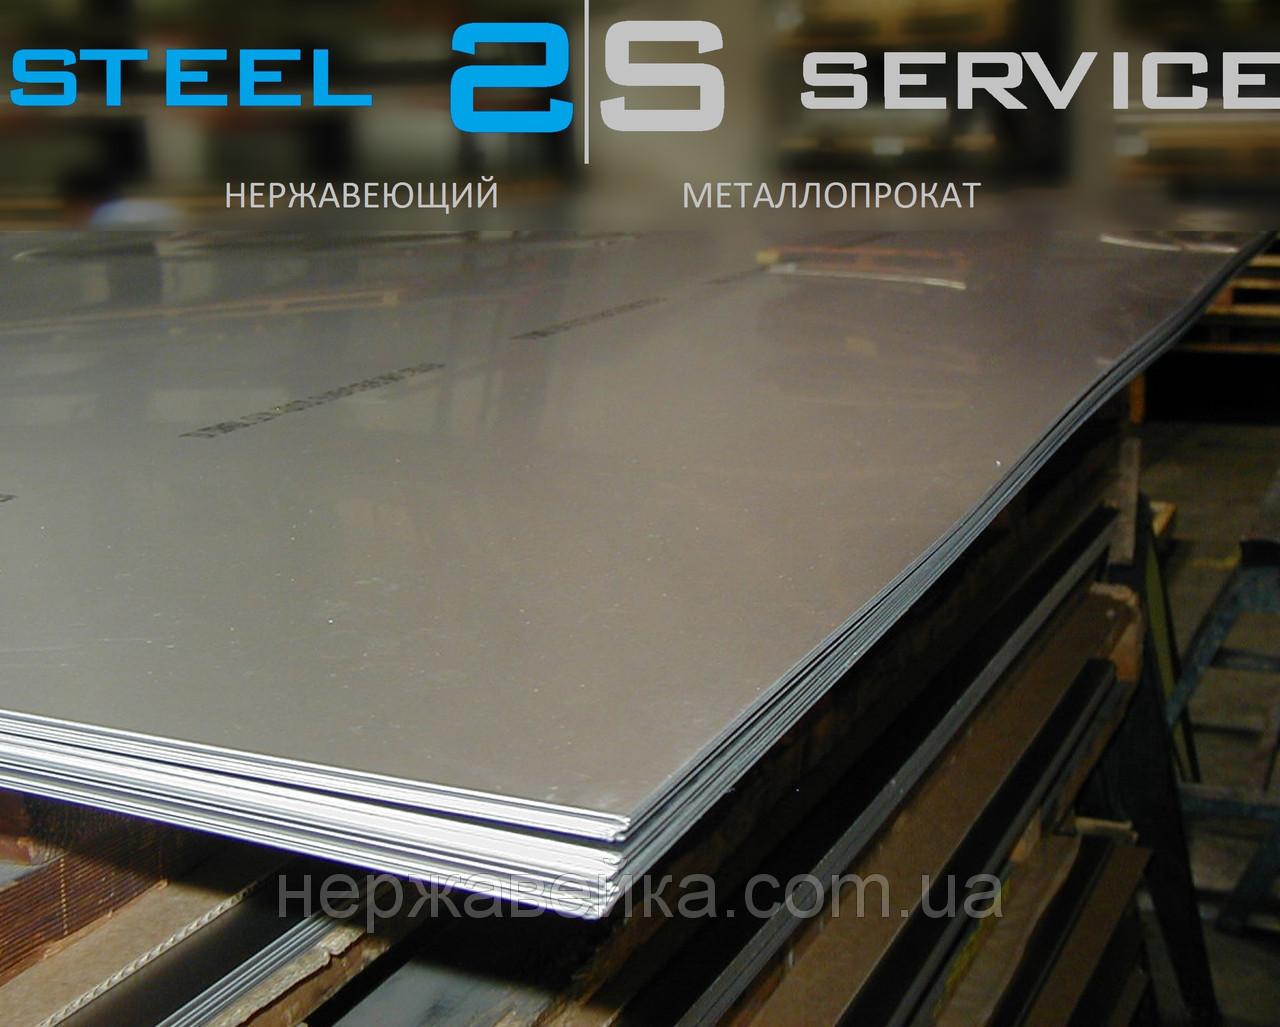 Нержавейка лист 1х1250х2500мм AISI 430(12Х17) 4N - шлифованный, технический